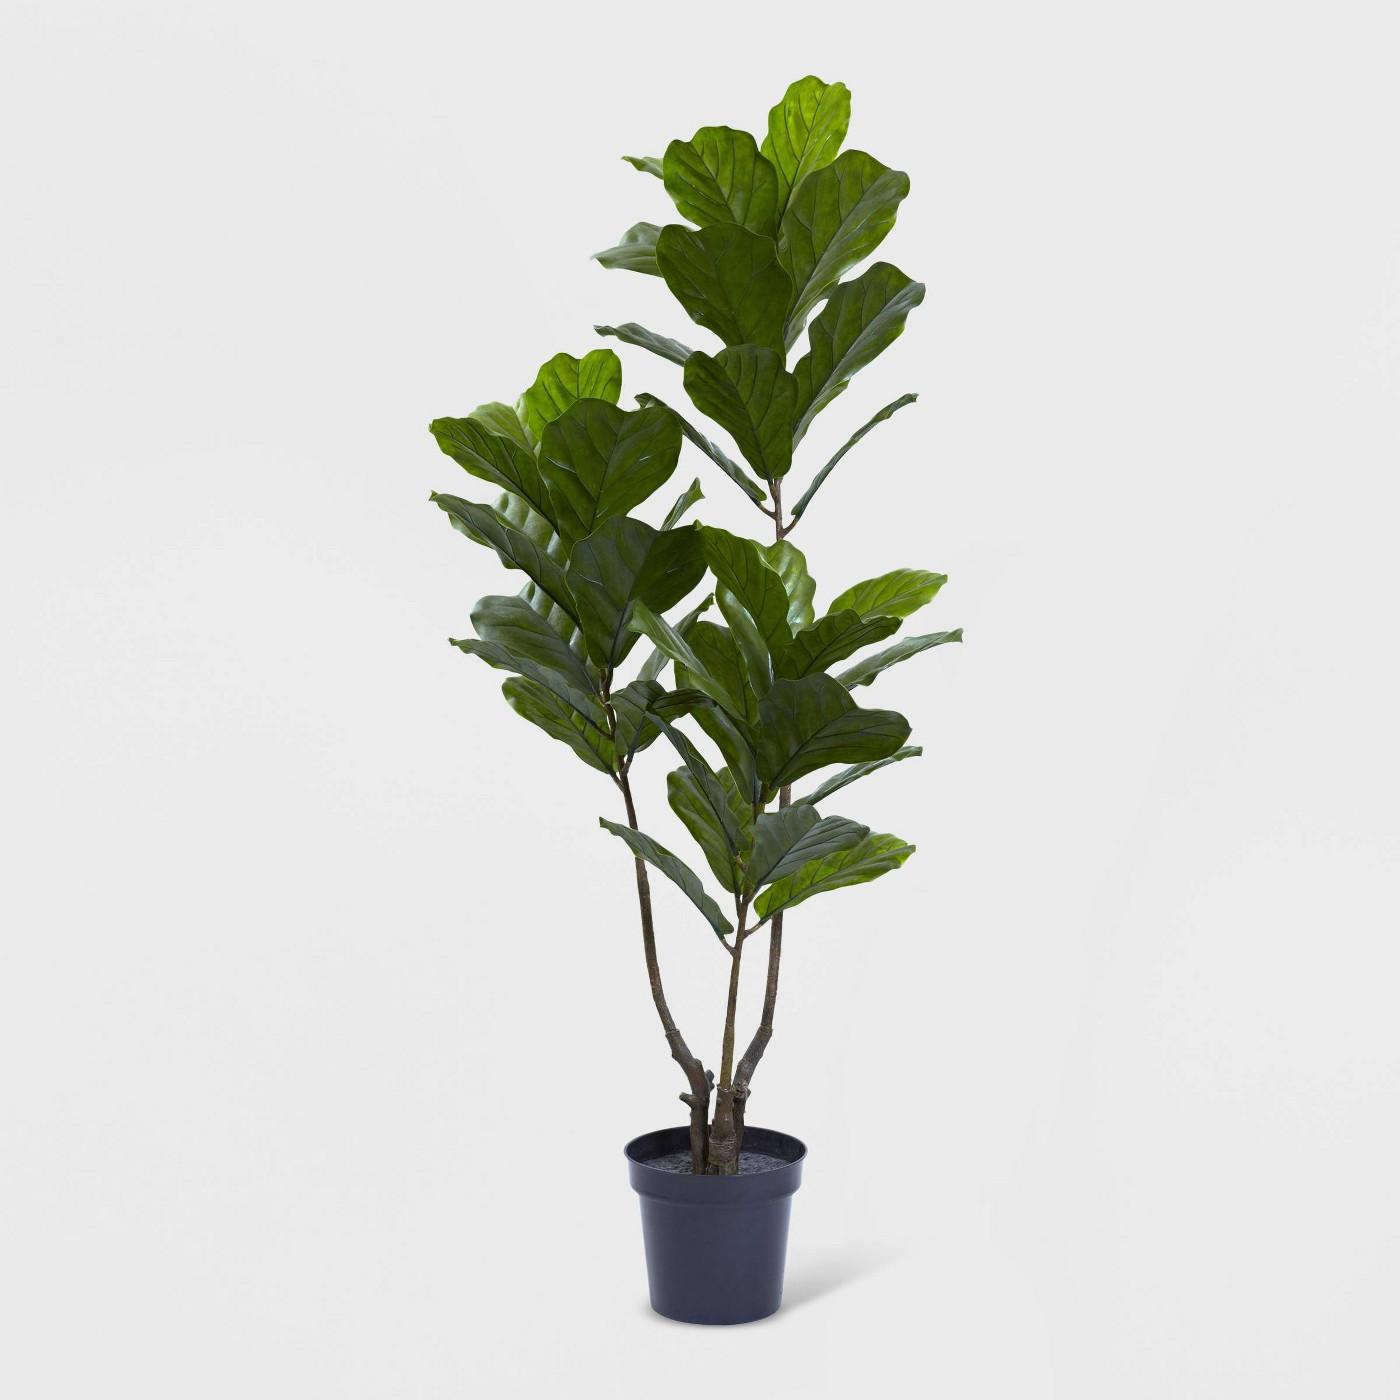 65%22 fiddle leaf fig tree.jpg